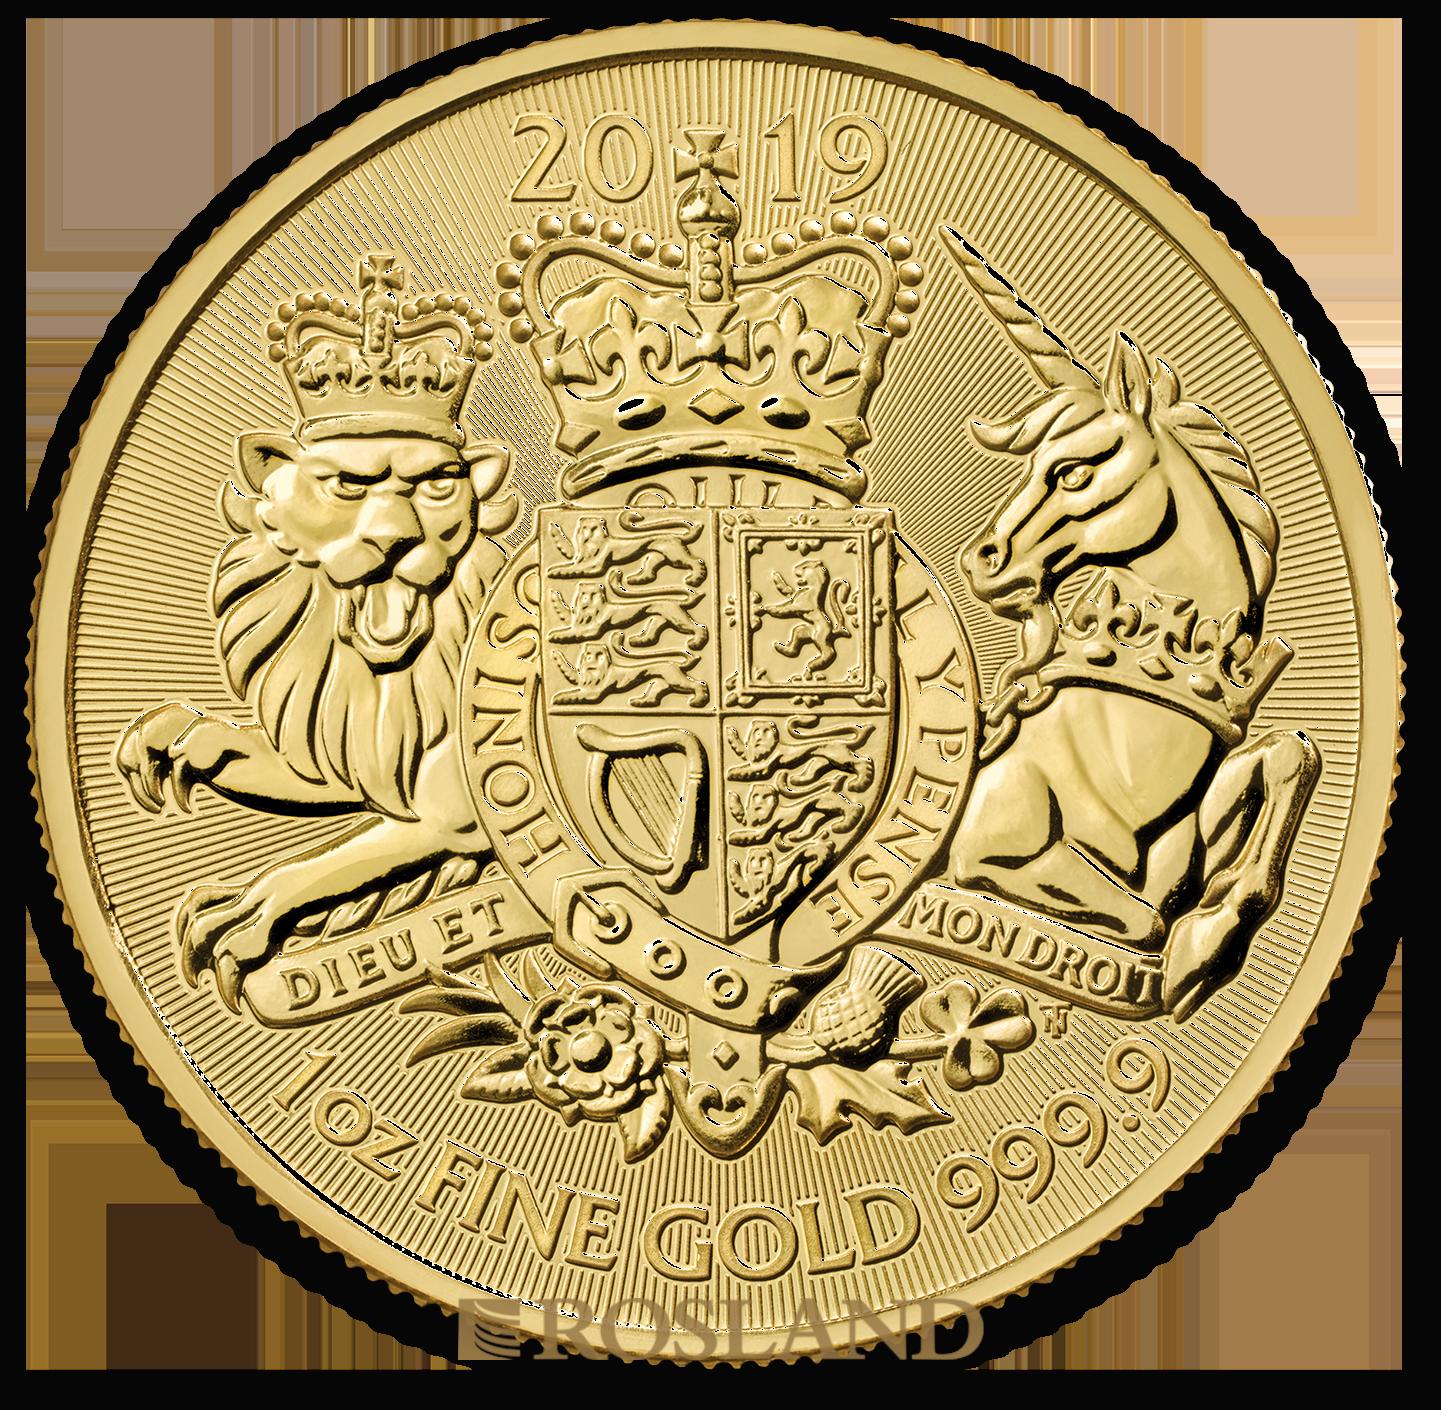 1 Unze Goldmünze Great Britain The Royal Arms 2019